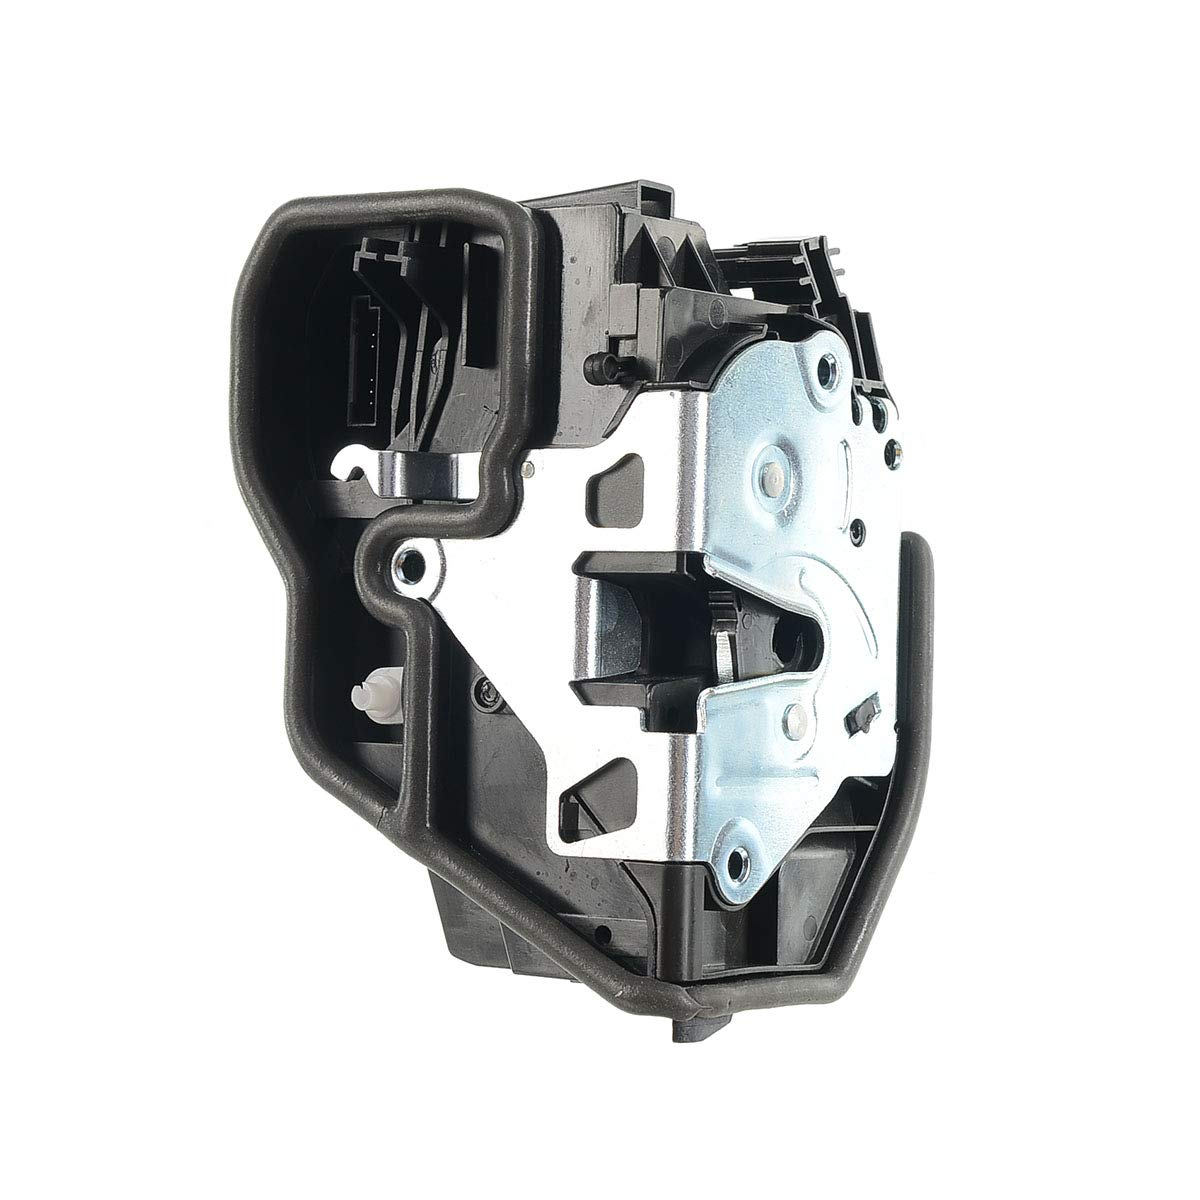 A-Premium Door Lock Actuator for BMW E90 F36 118i 328i 335i 528i 535i 550i 750Li Mini 2004-2016 Rear Driver Side